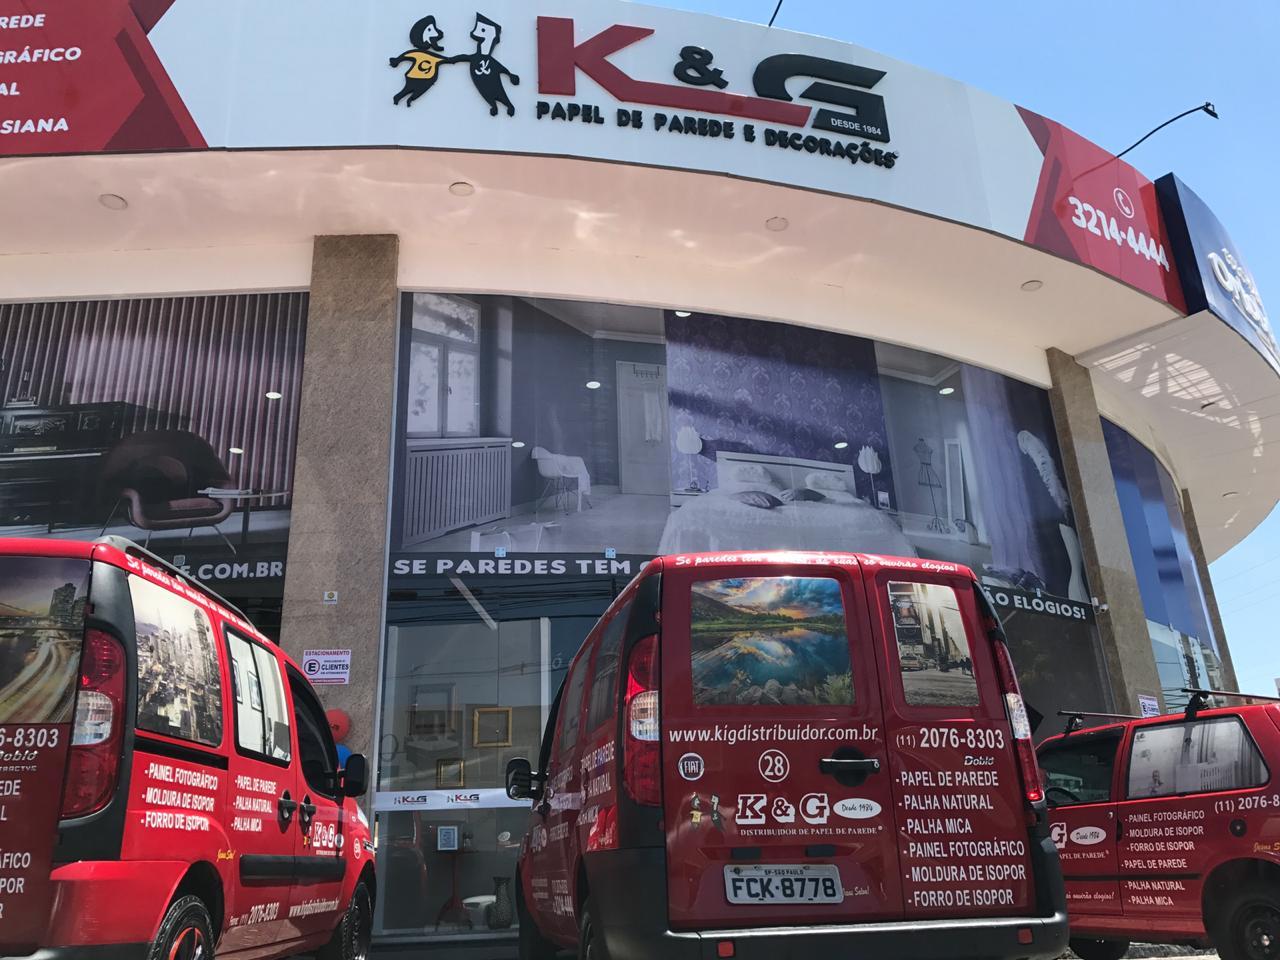 Loja Papel Parede, Goiânia - GO, São Paulo - SP. Bem perto do centro das cidades, com fácil acesso de qualquer lugar. Esperamos por você!